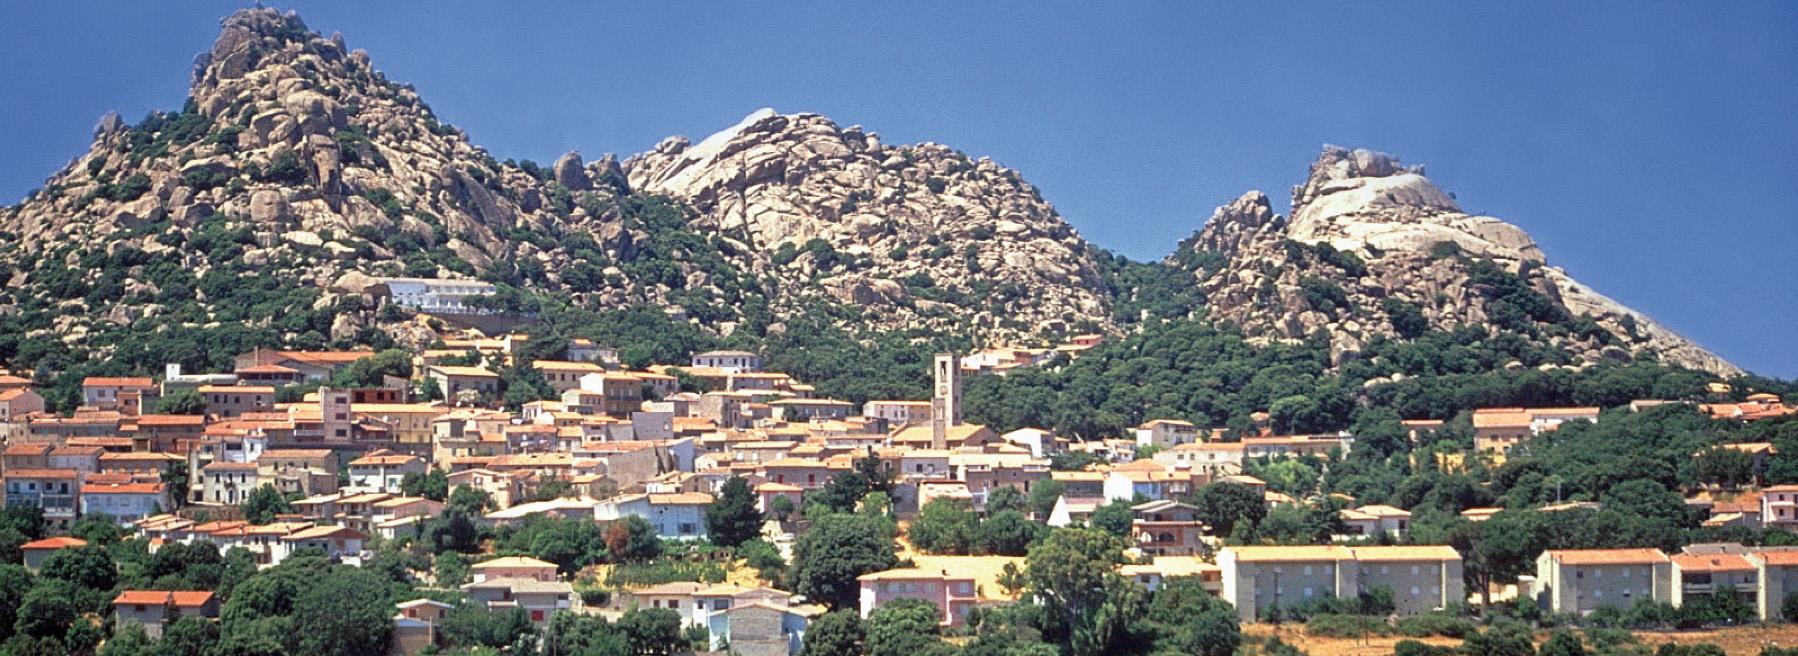 Delphina Appuntamento con i Borghi Autentici di Sardegna  Sardegna